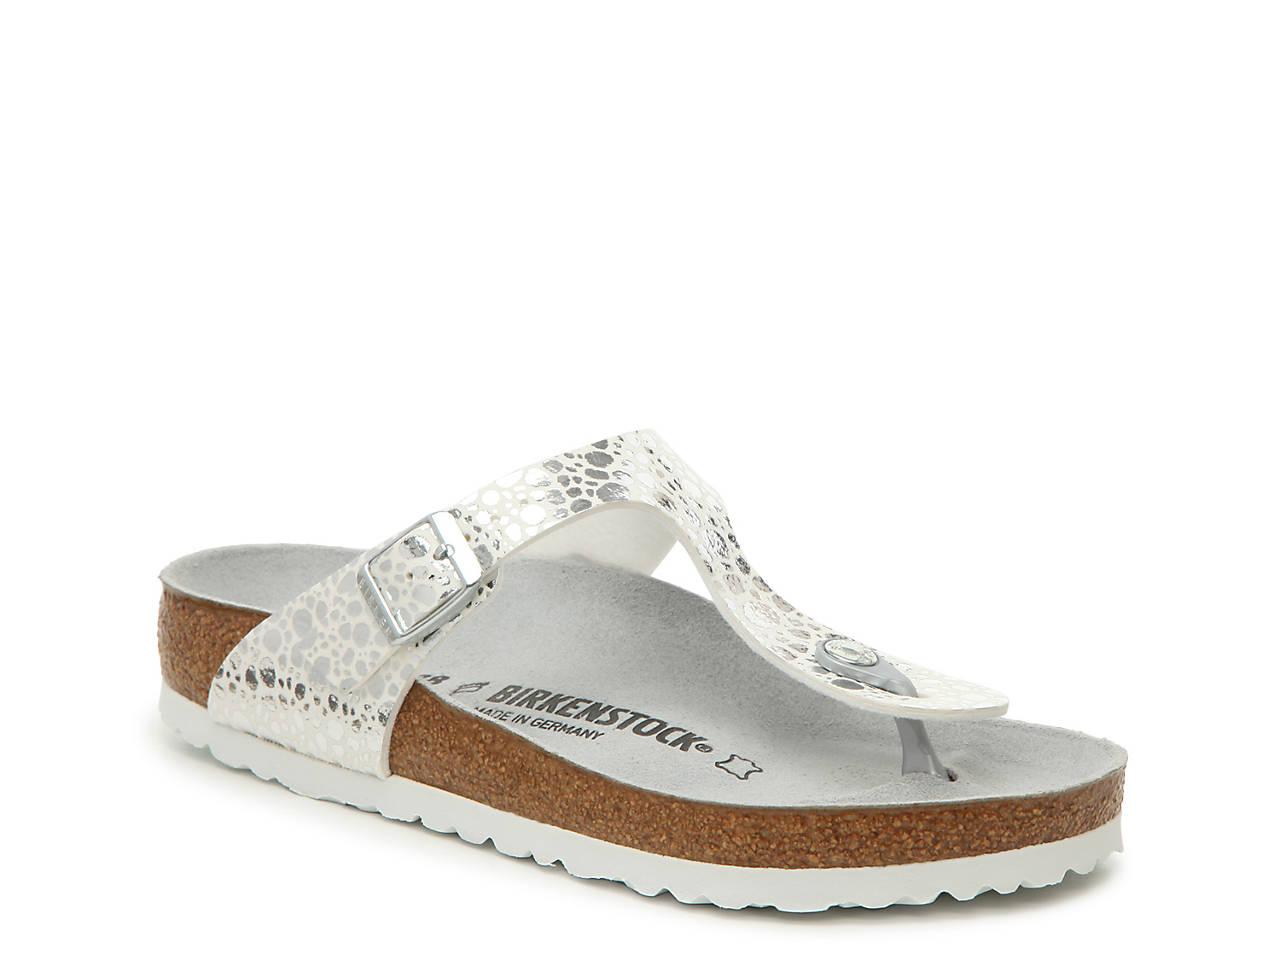 Birkenstock Gizeh Sandal Women's Women's Shoes | DSW